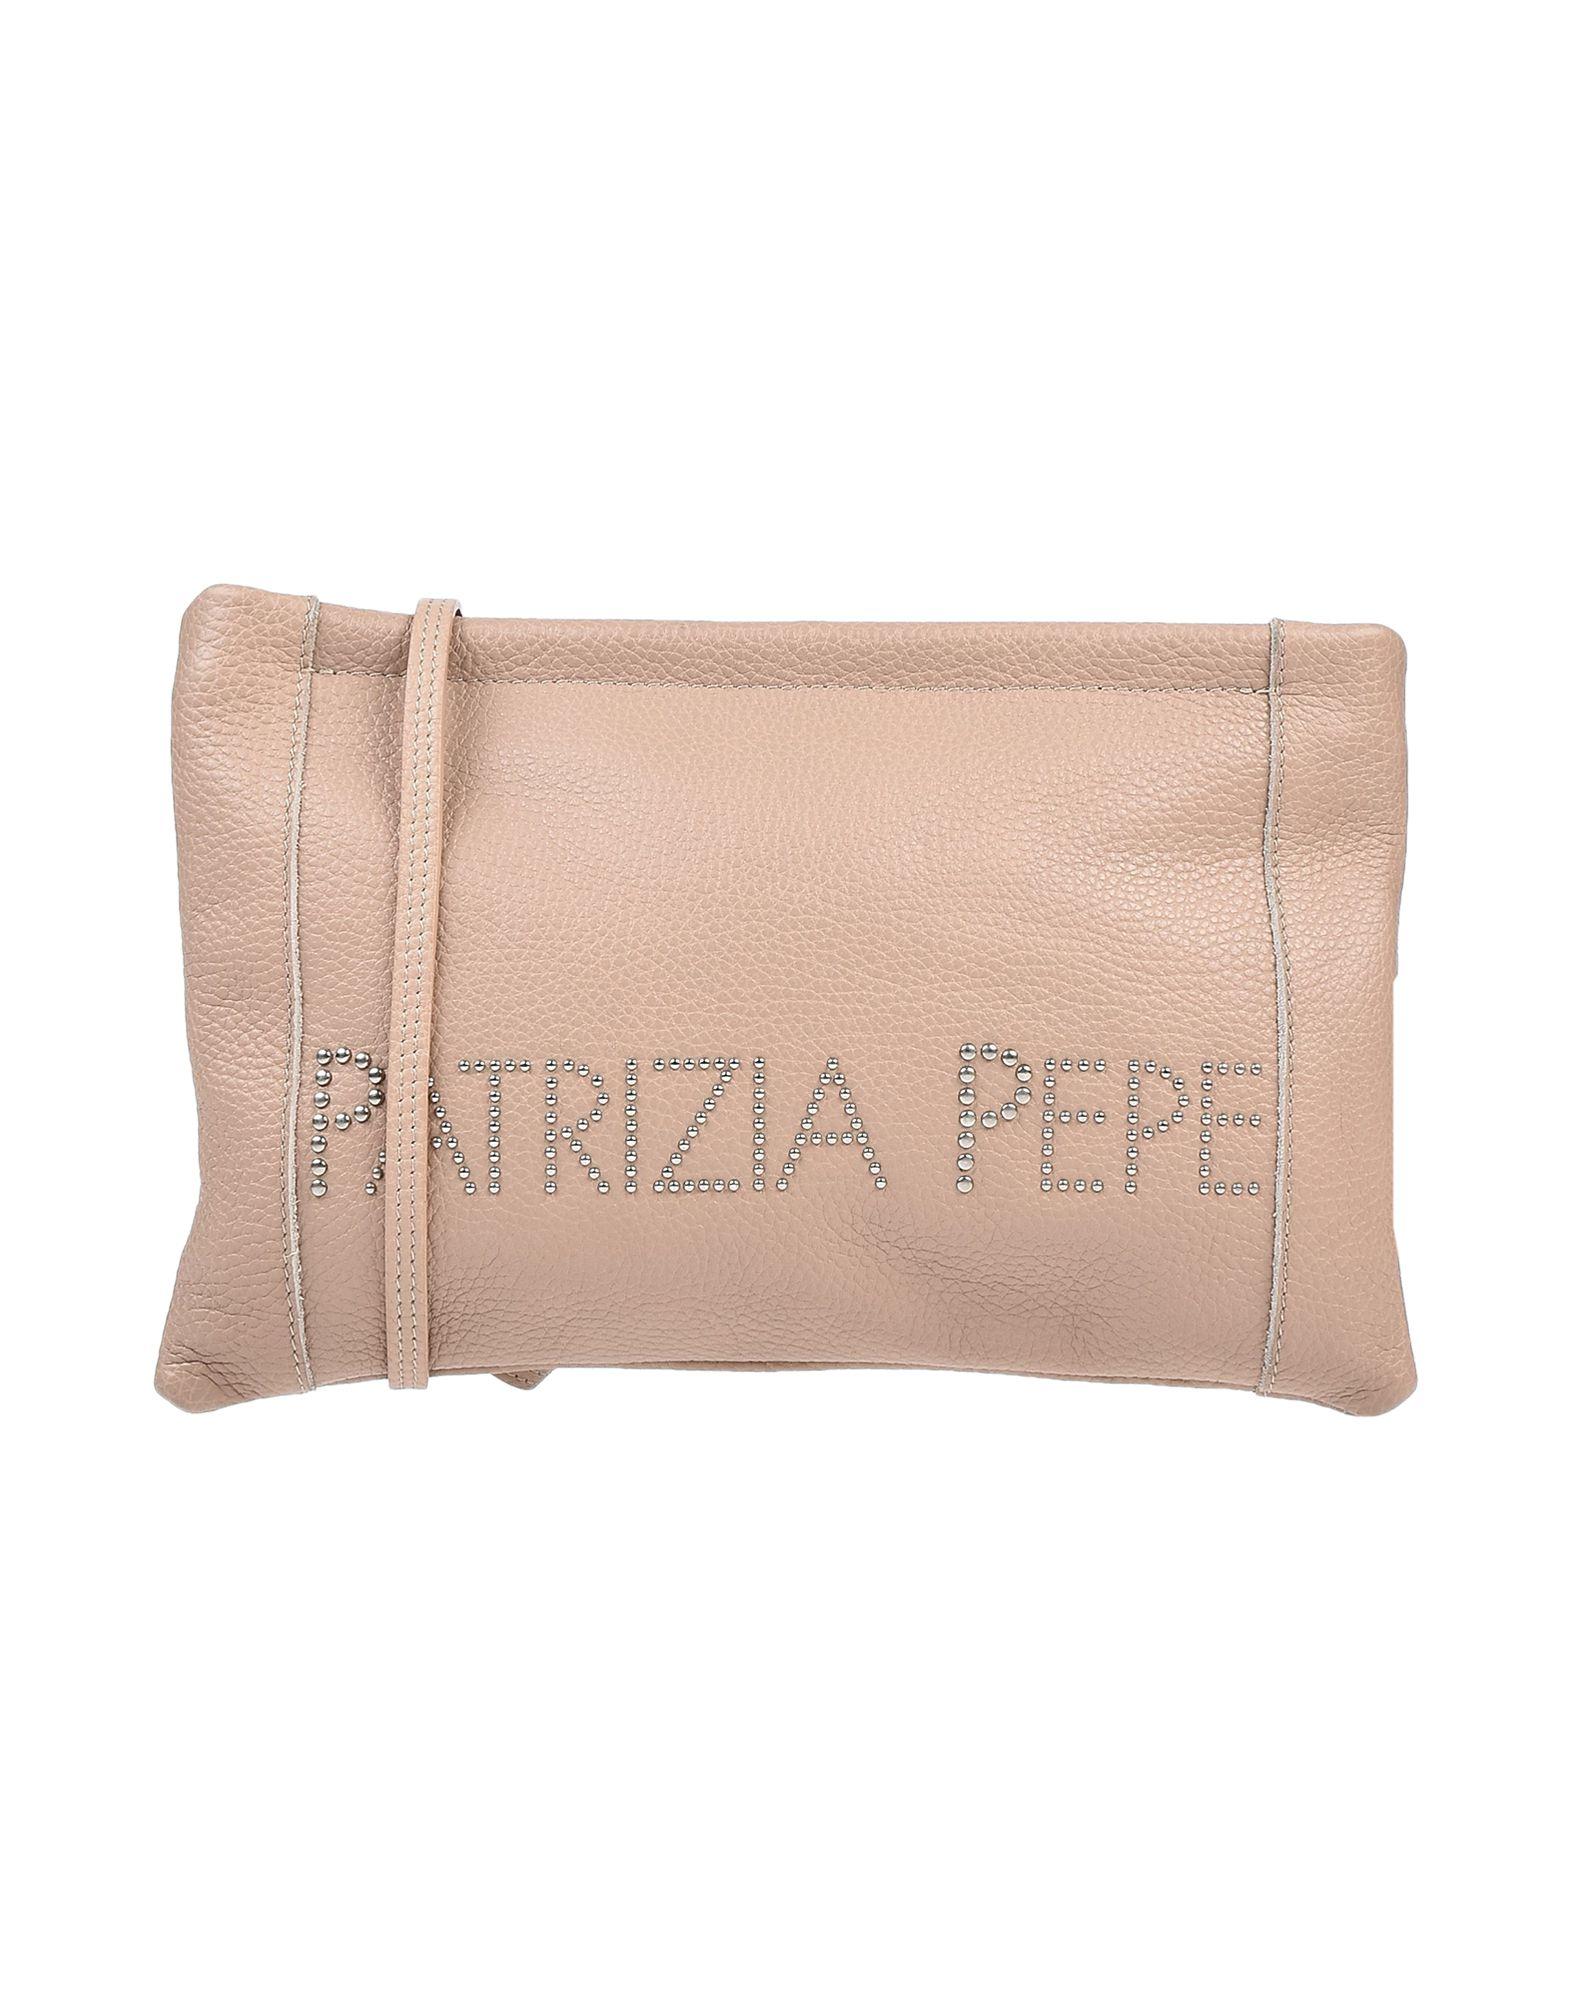 《送料無料》PATRIZIA PEPE レディース ハンドバッグ ライトピンク 革